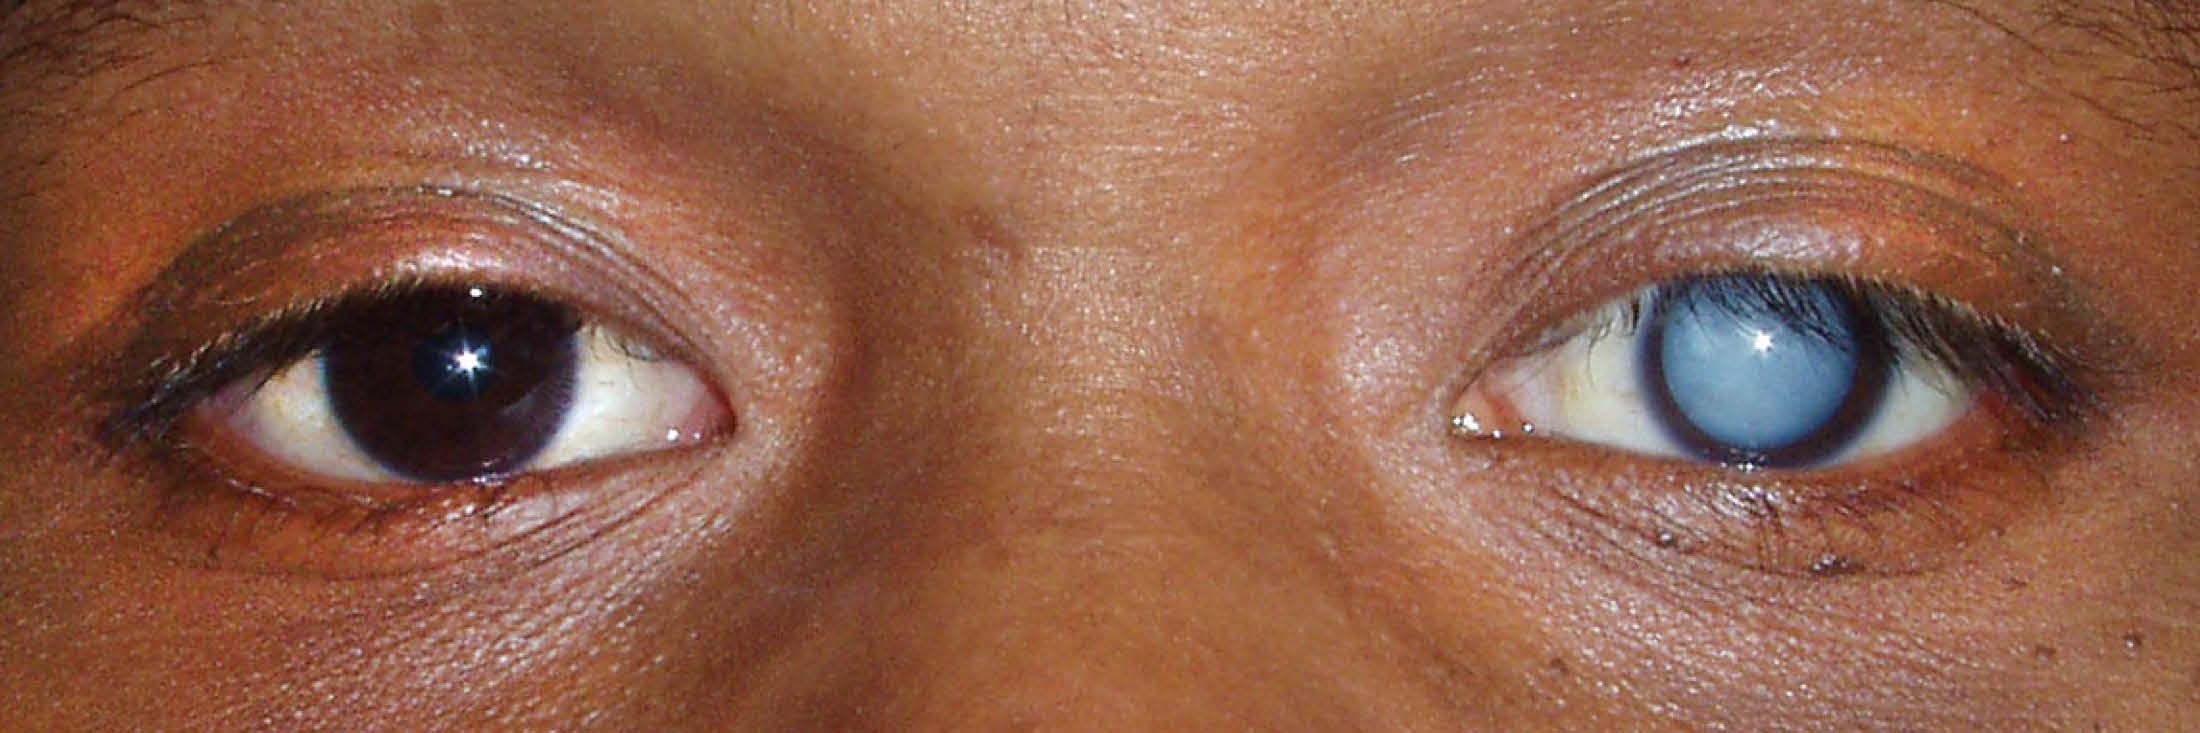 Виды катаракты: классификация заболевания по локализации помутнения